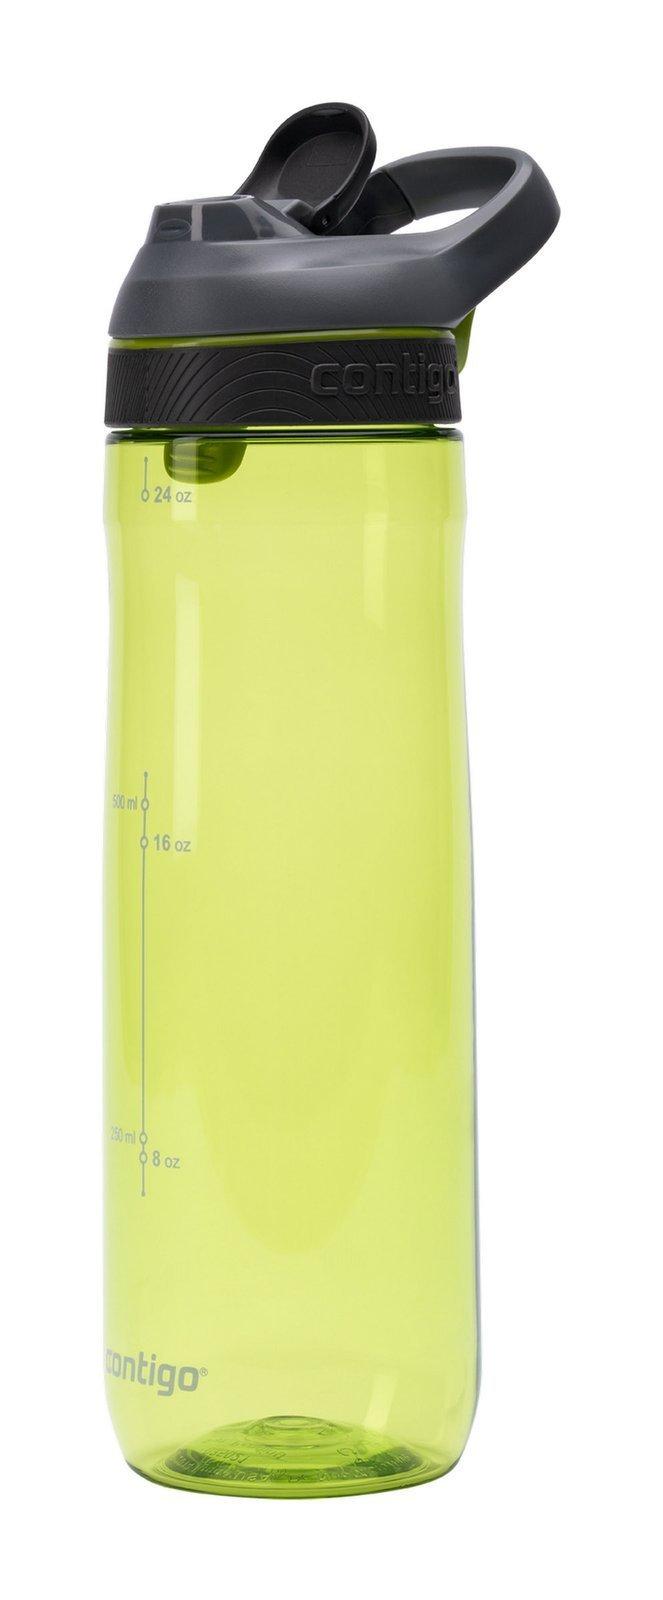 Butelka do wody Contigo Cortland Citron/Grey 720 ml